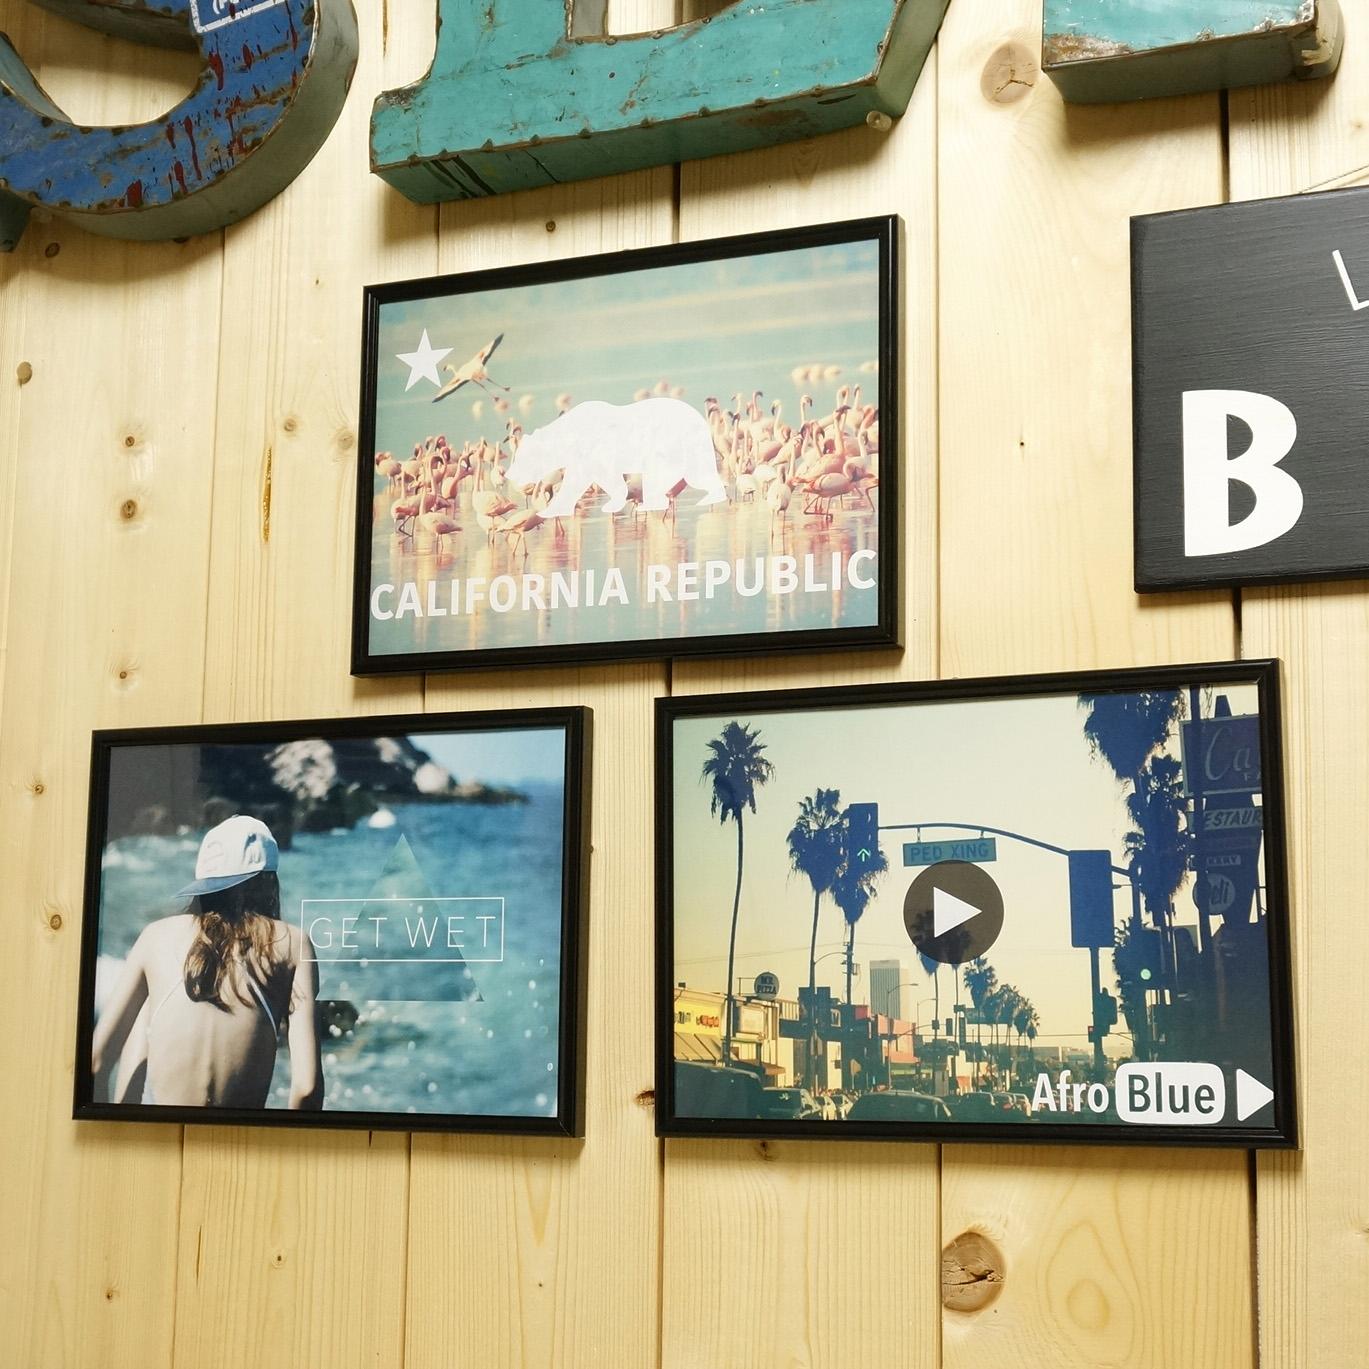 カリフォルニアスタイル・アメリカンカジュアルなAFRO BLUEオリジナルフォトアートポスター